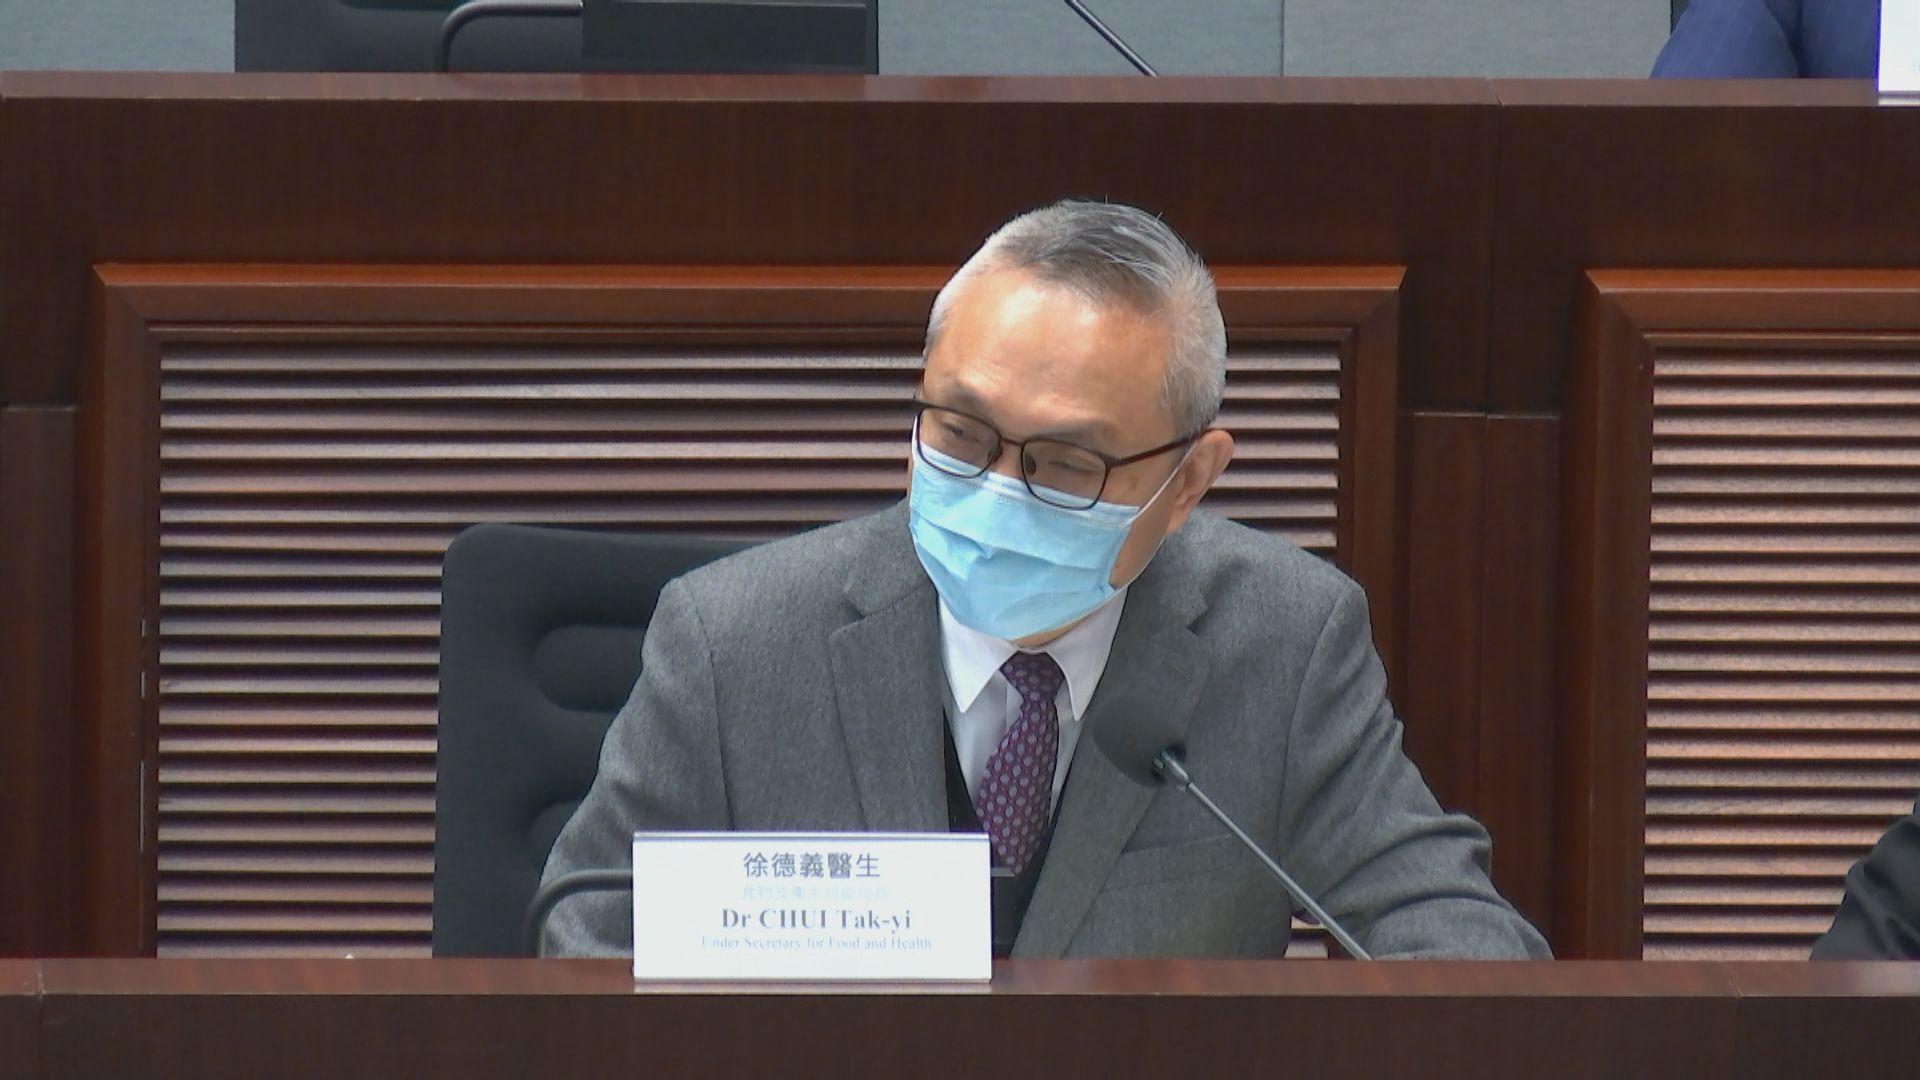 立會討論防疫及復甦經濟措施 有議員要求再派錢